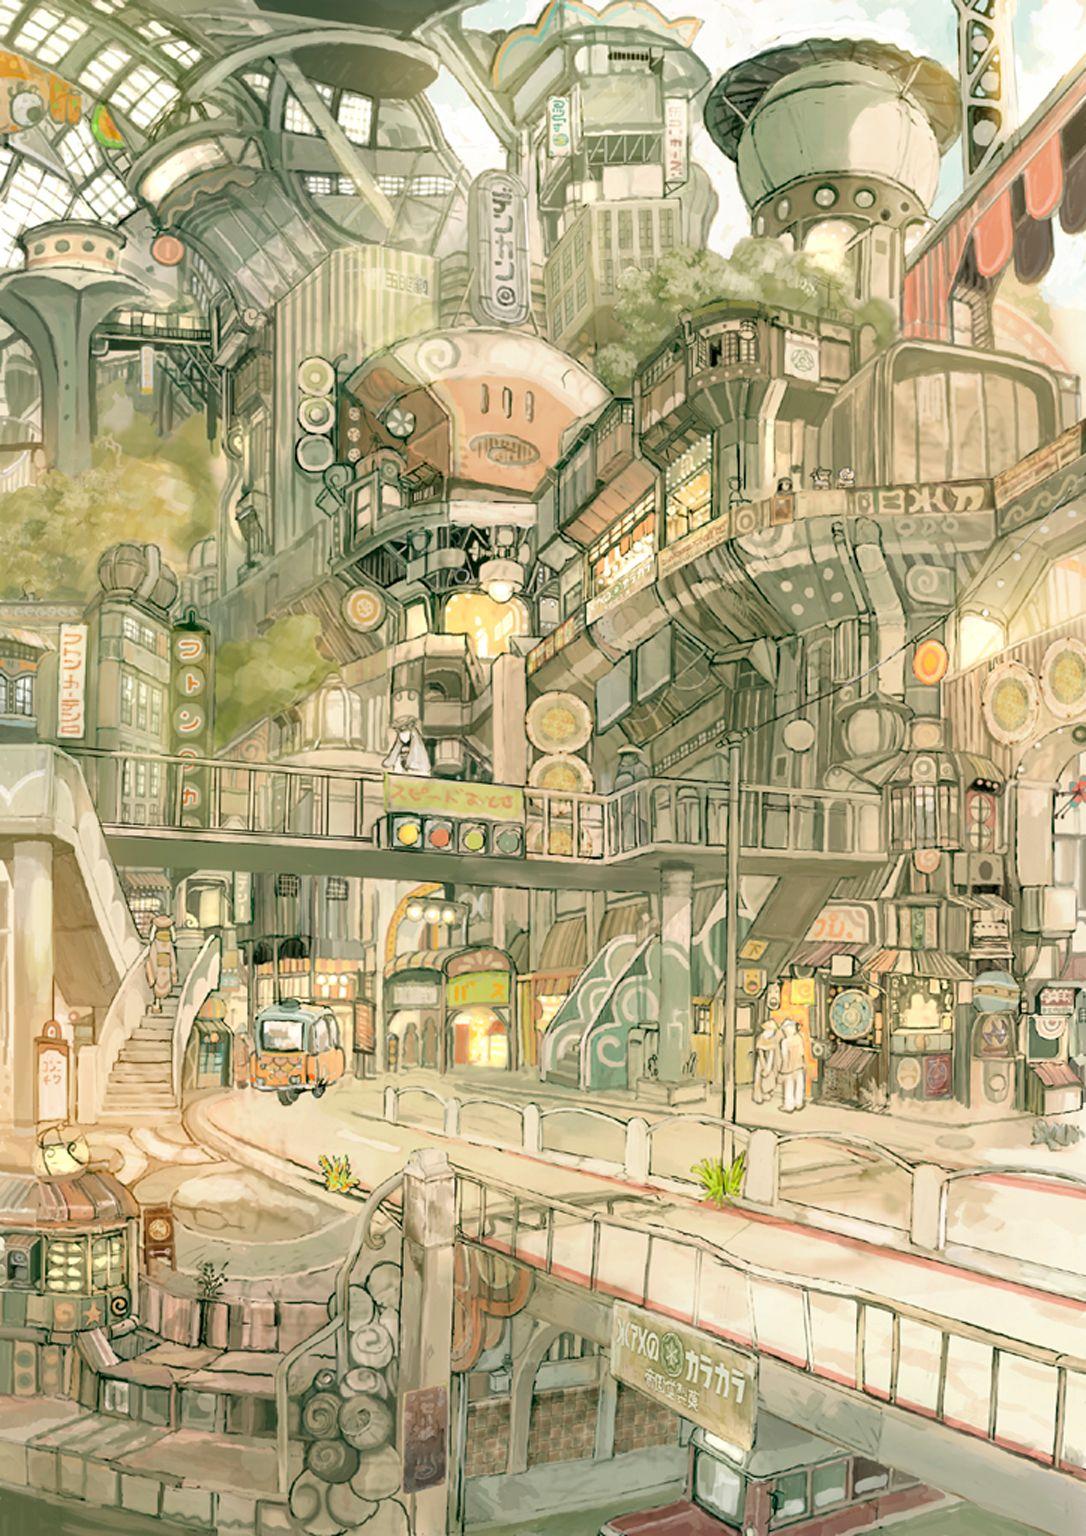 theartofanimation: tekkonkinkreet - 資料置き場   background